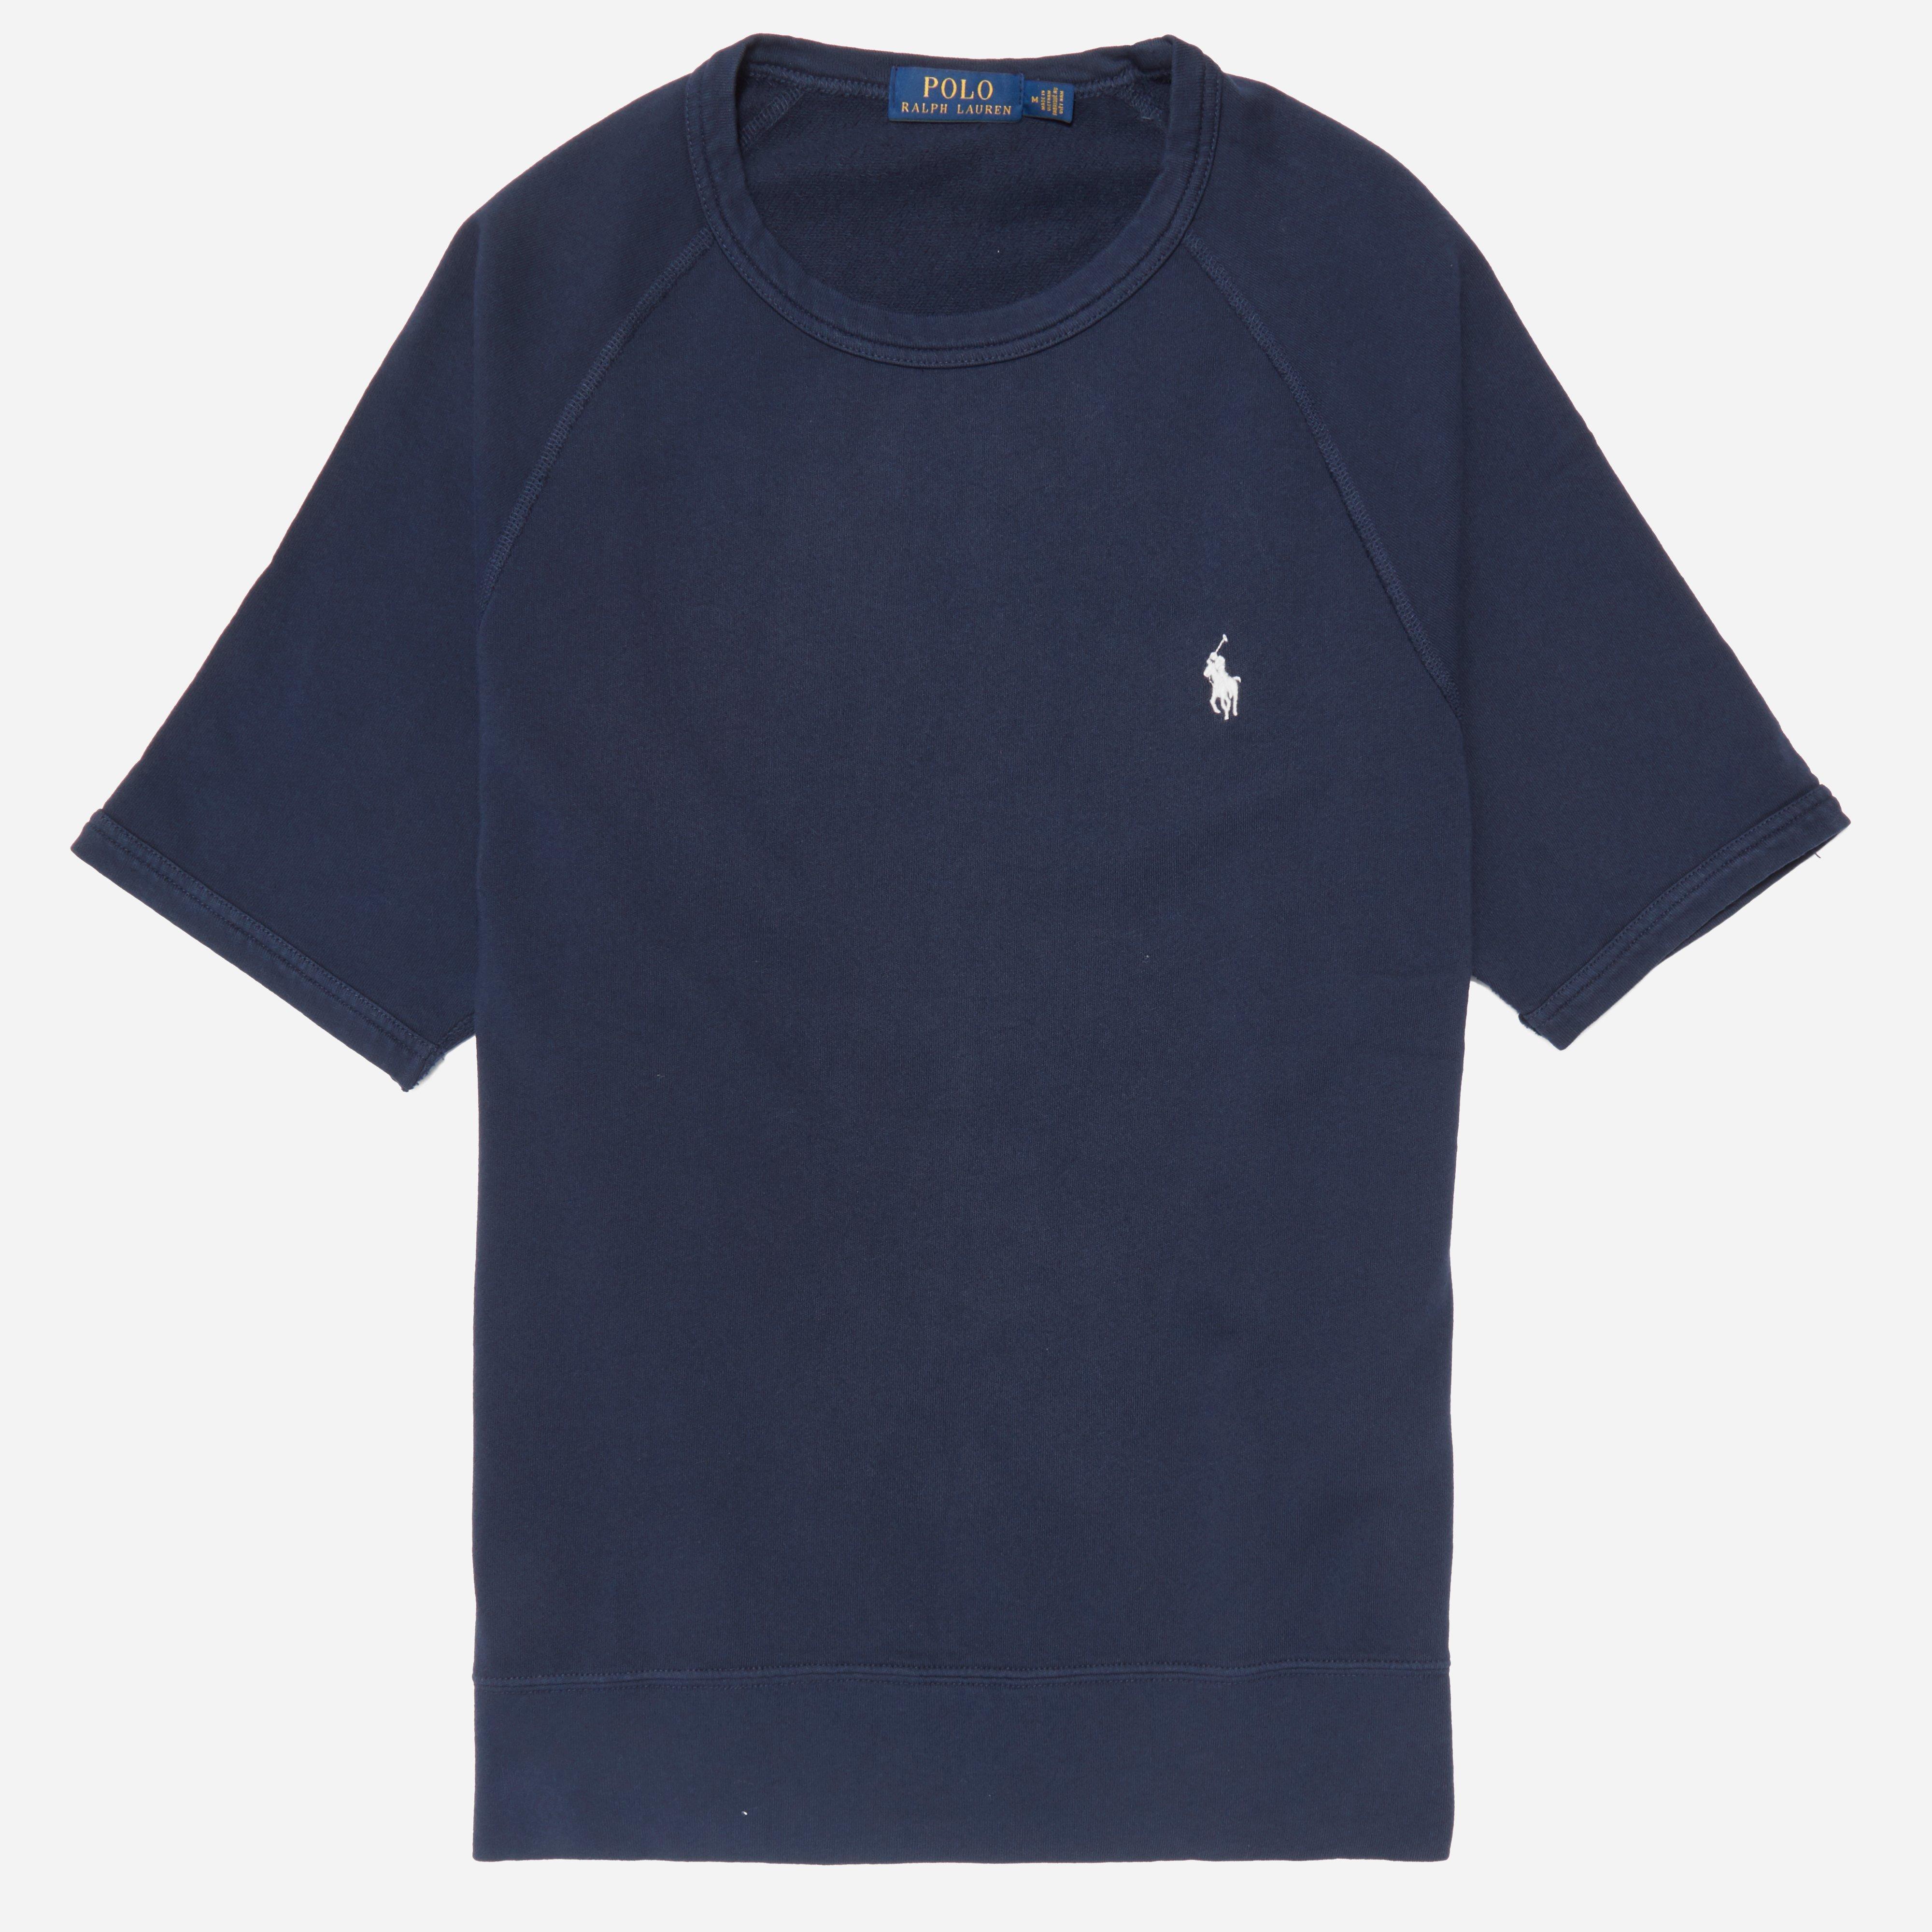 Polo Ralph Lauren Short Sleeve Terry Raglan T-shirt